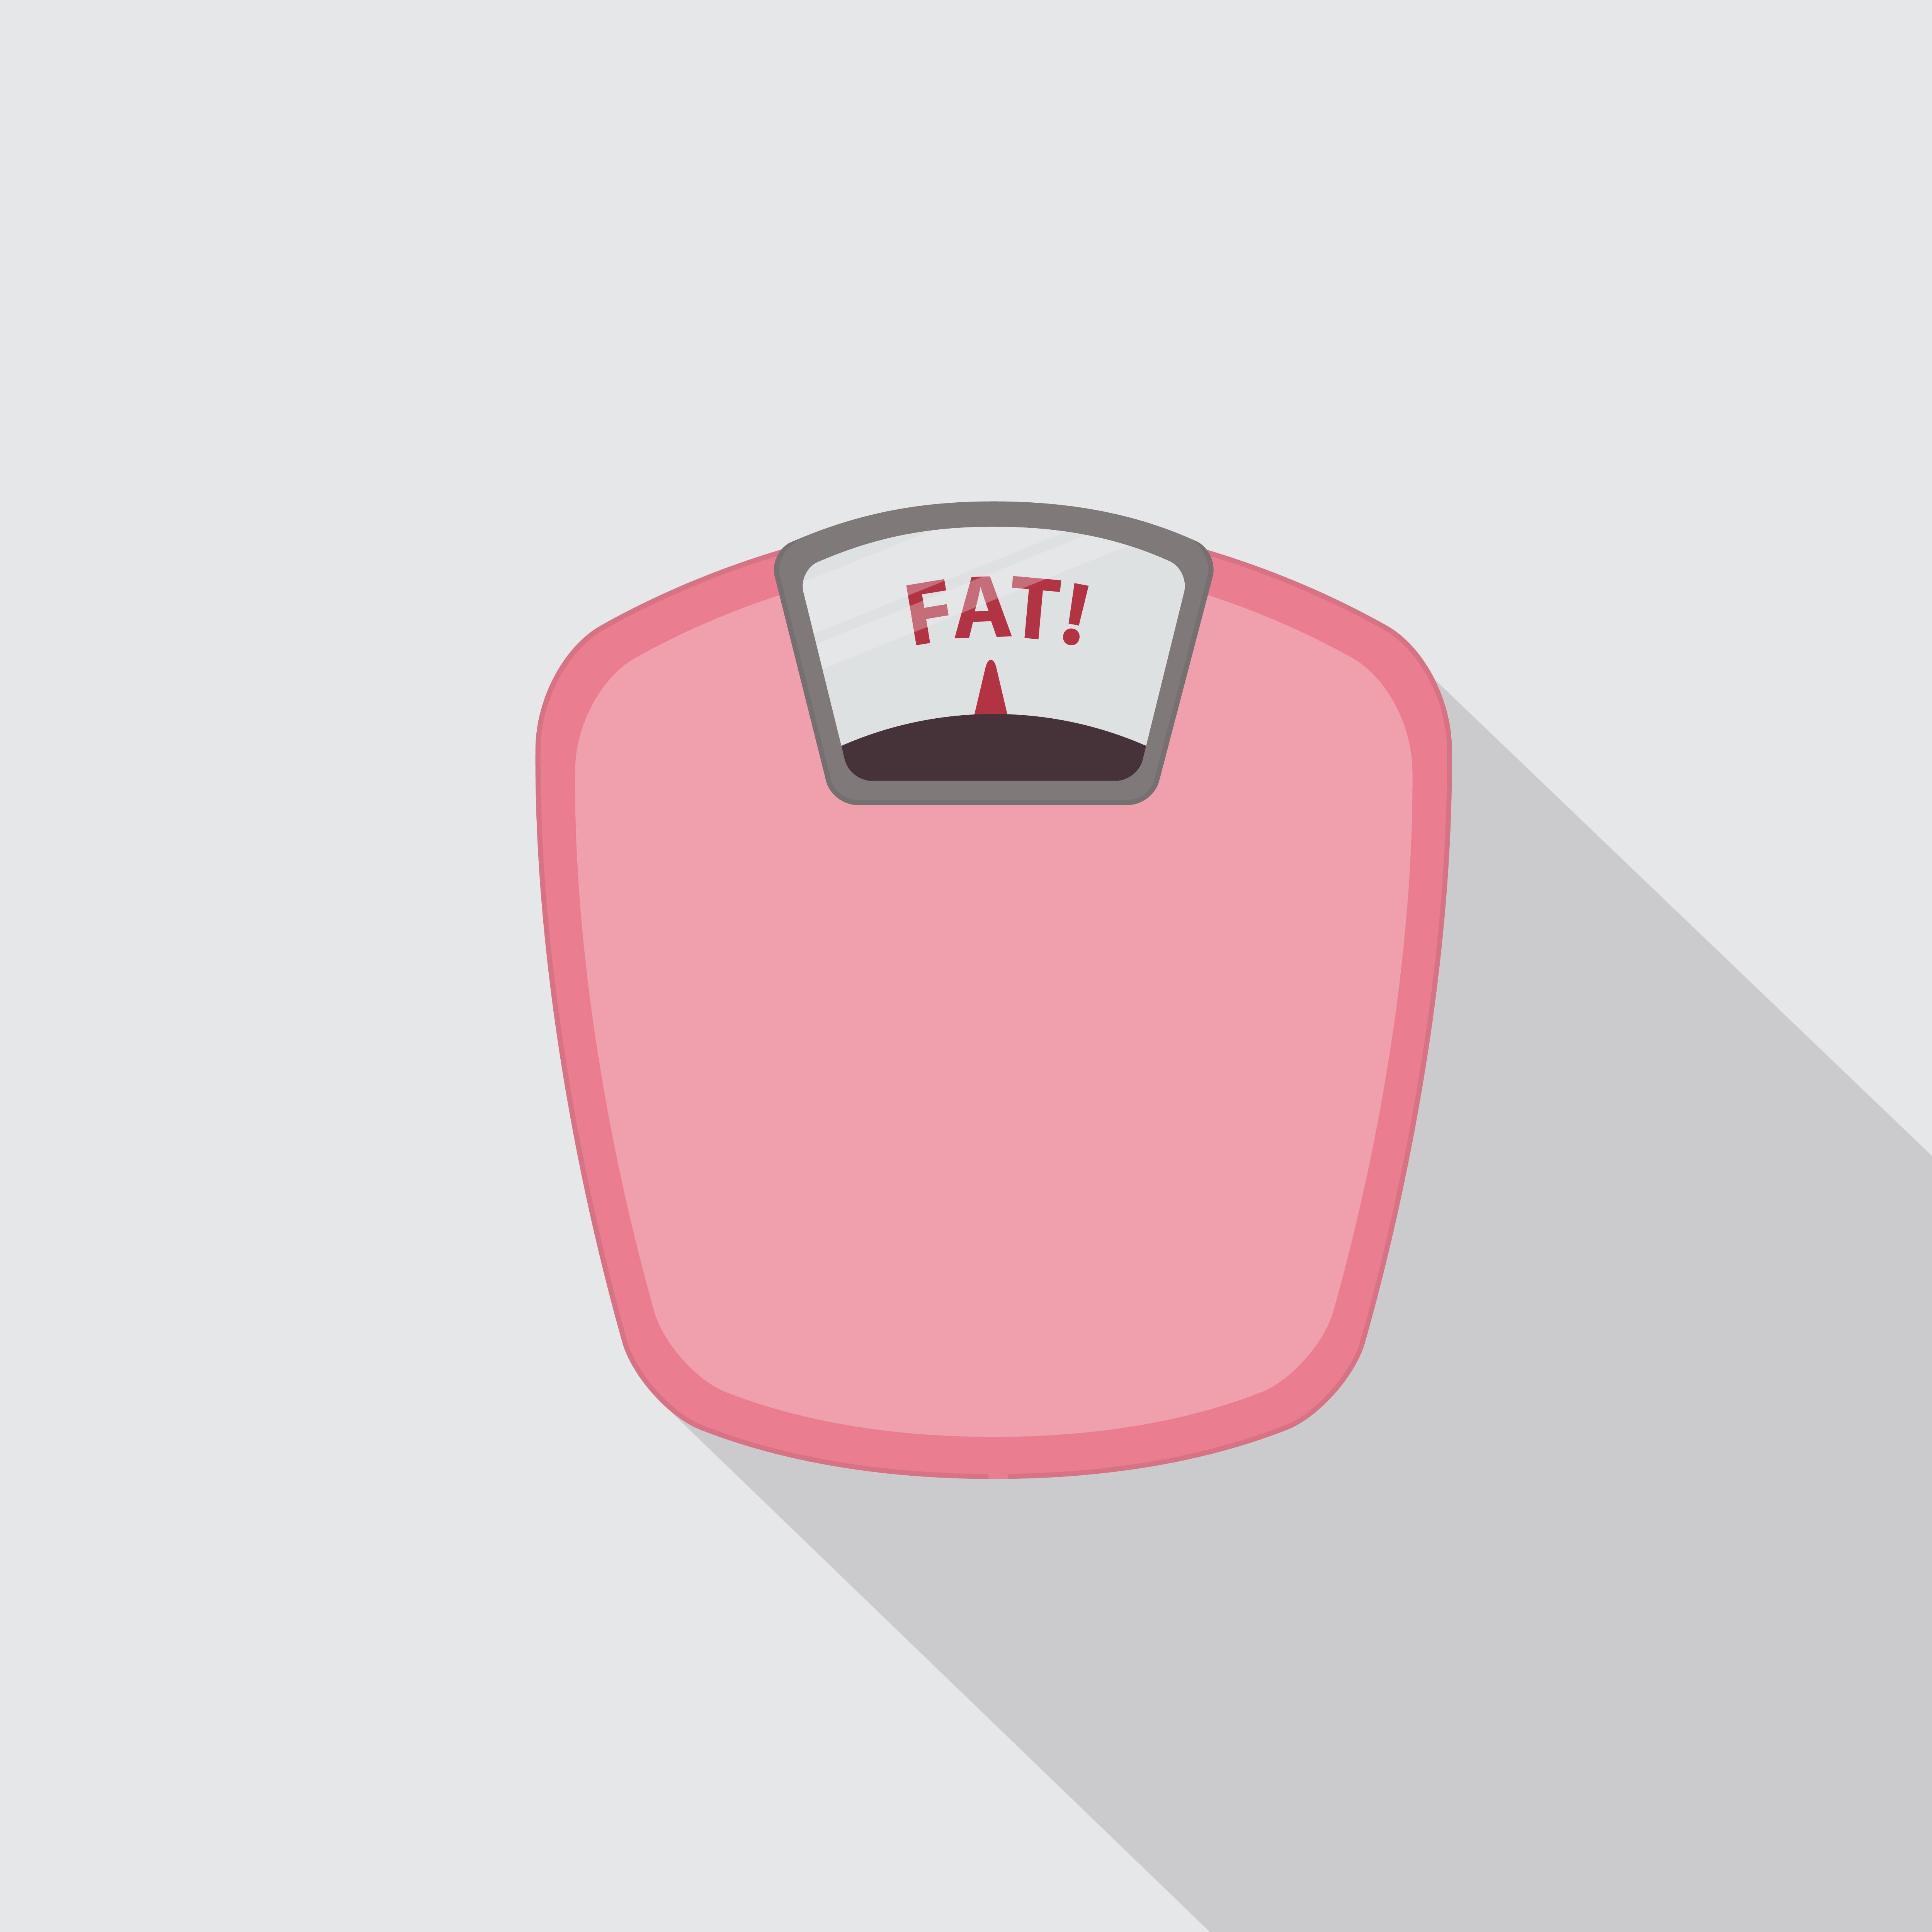 αποτυχία-να-χάσω-βάρος